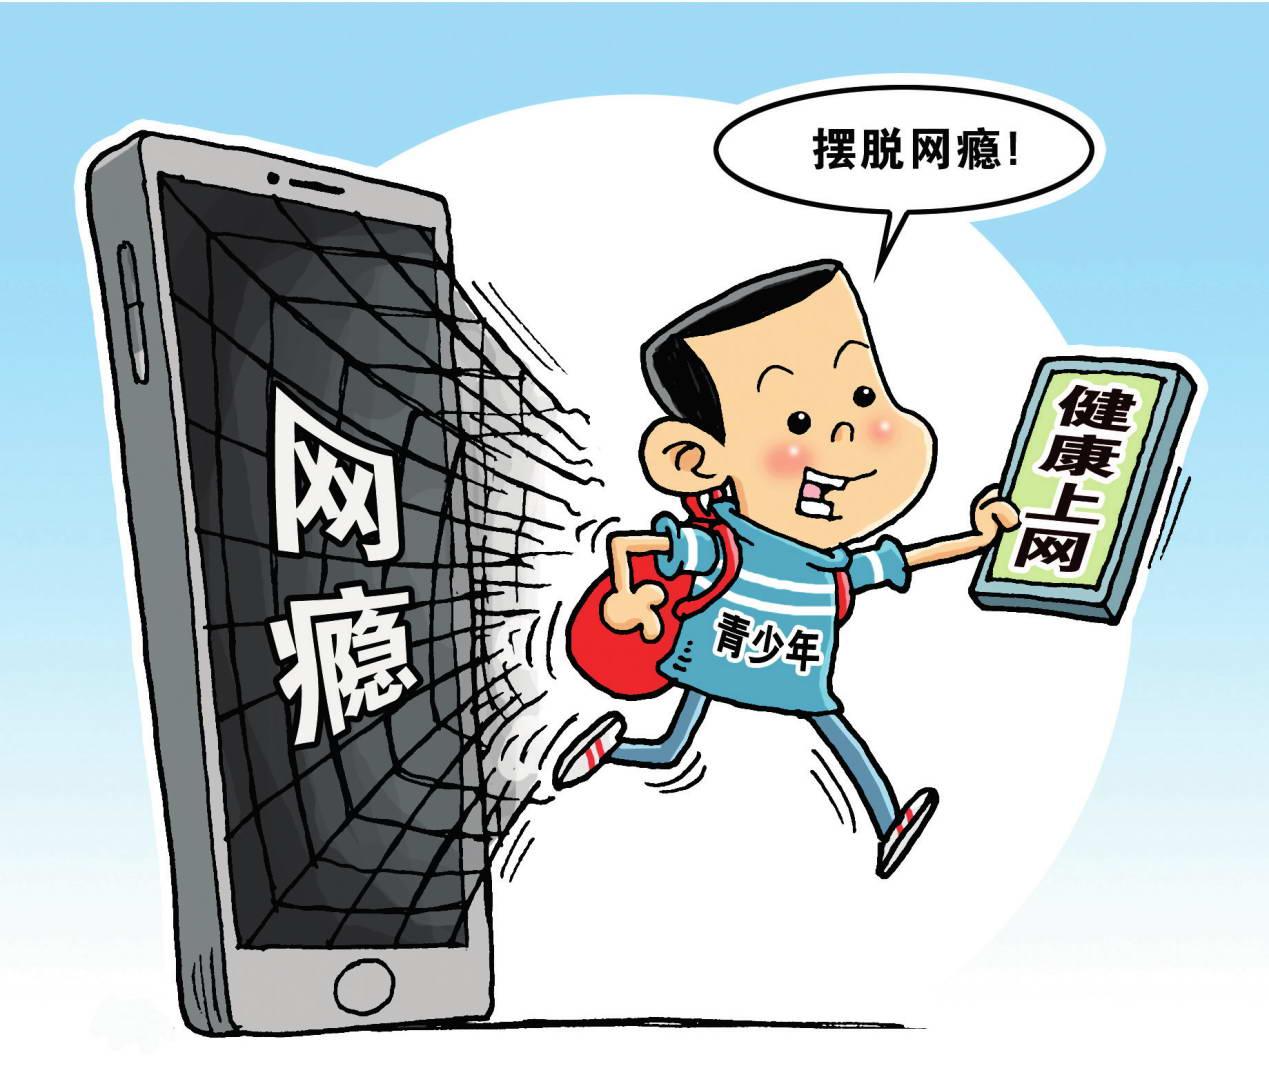 蒋俏蕾:论青少年网络沉迷的特征与应对